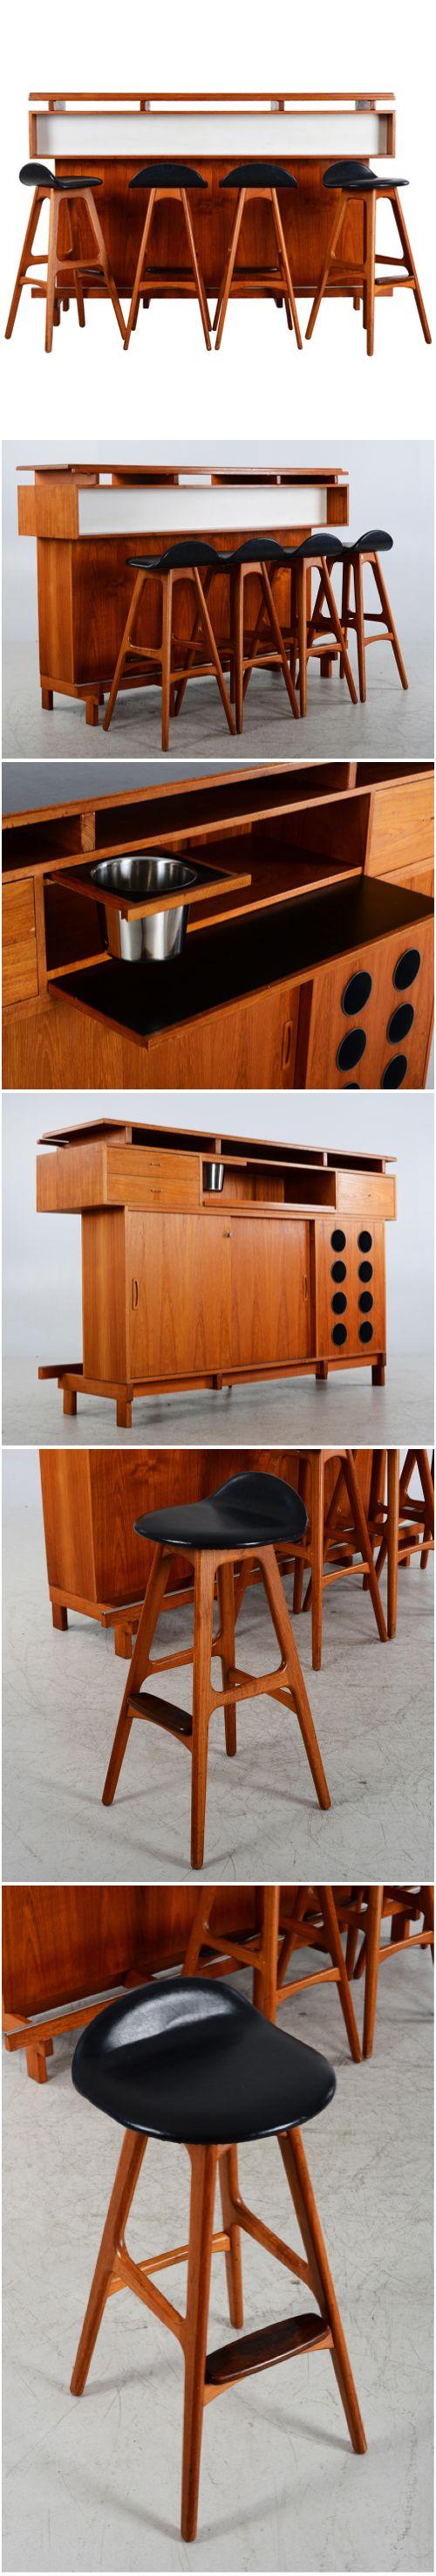 BAR & 4 BARSTOLAR, teak, retro 1960-tal, Erik Buch, Dyrlund, Danmark 4 stolar samt bardisk med förvaring av olika slag. Bruksslitage, saknar nyckel till skåpet, saknar ett handtag, smärre fanerskador. Höjd 116, 180x50 cm. http://www.auction2000.se/auk/w.Object?inSiteLang=SWEDISH&inC=AS&inA=20160825_1505&inO=1